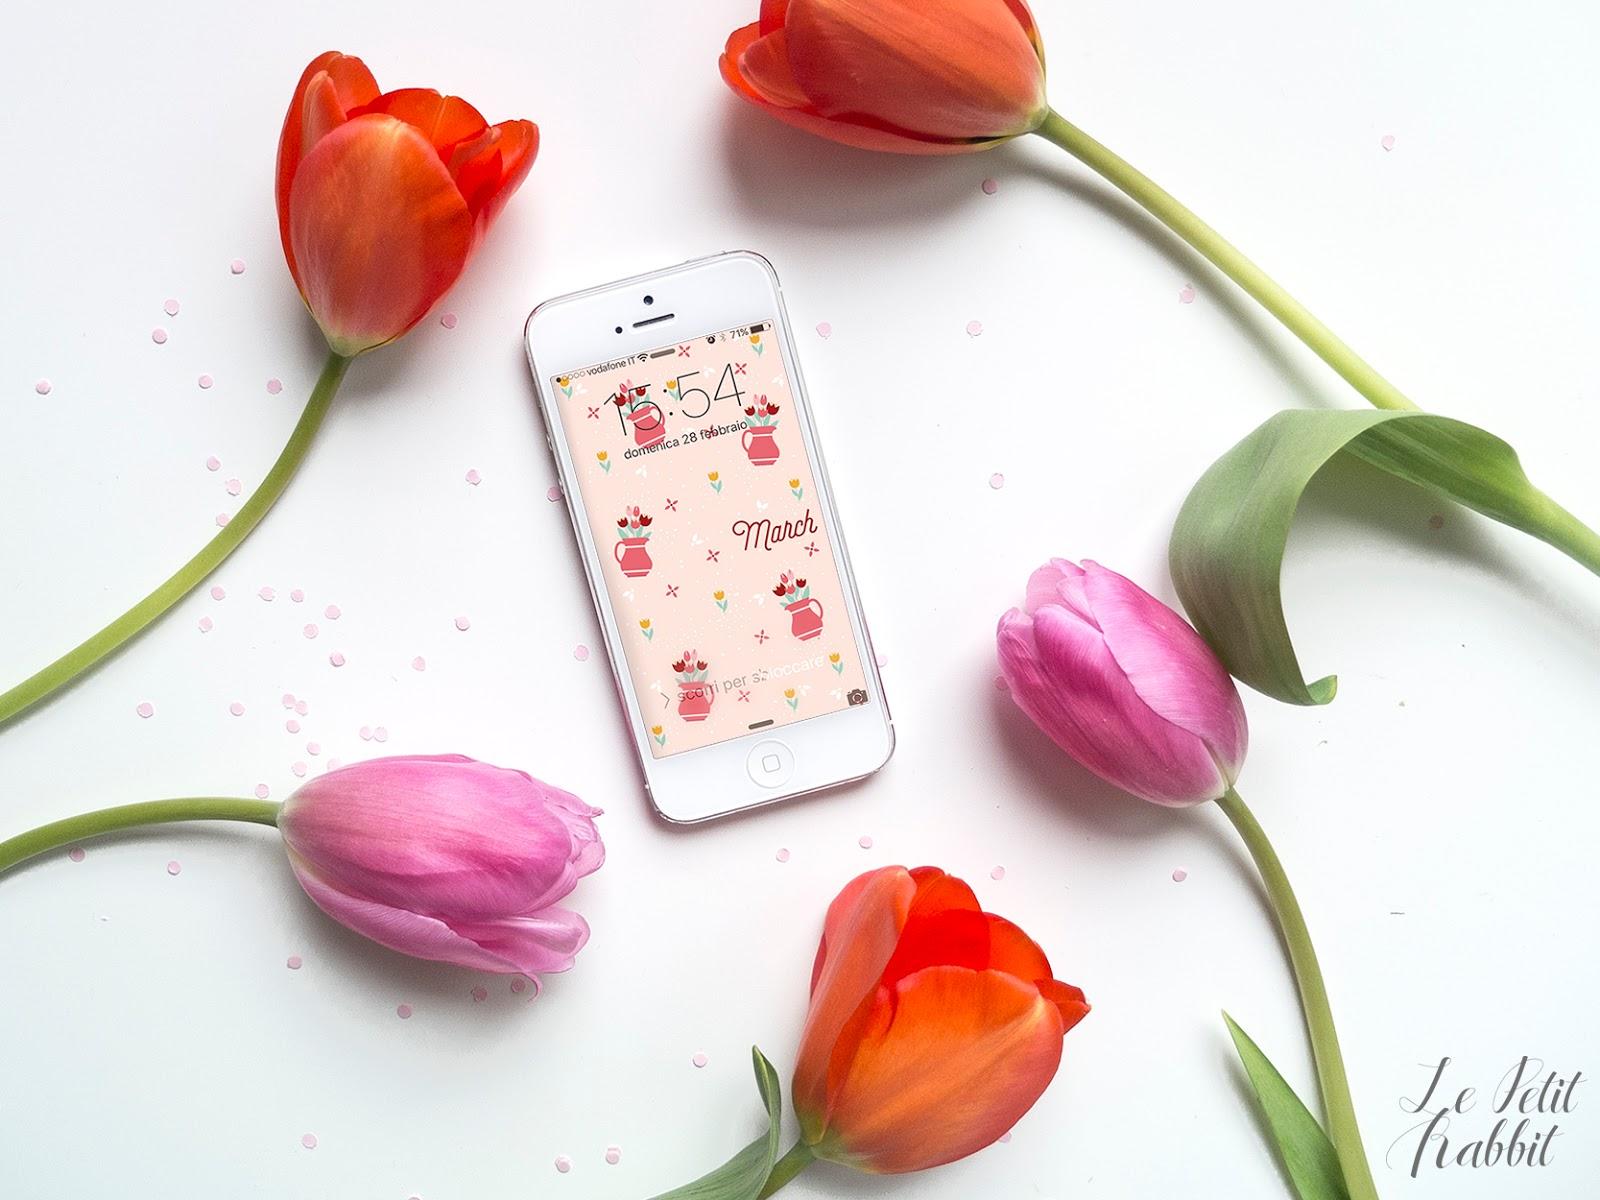 Sfondo Gratuito Smartphone Marzo 2016 Le Petit Rabbit